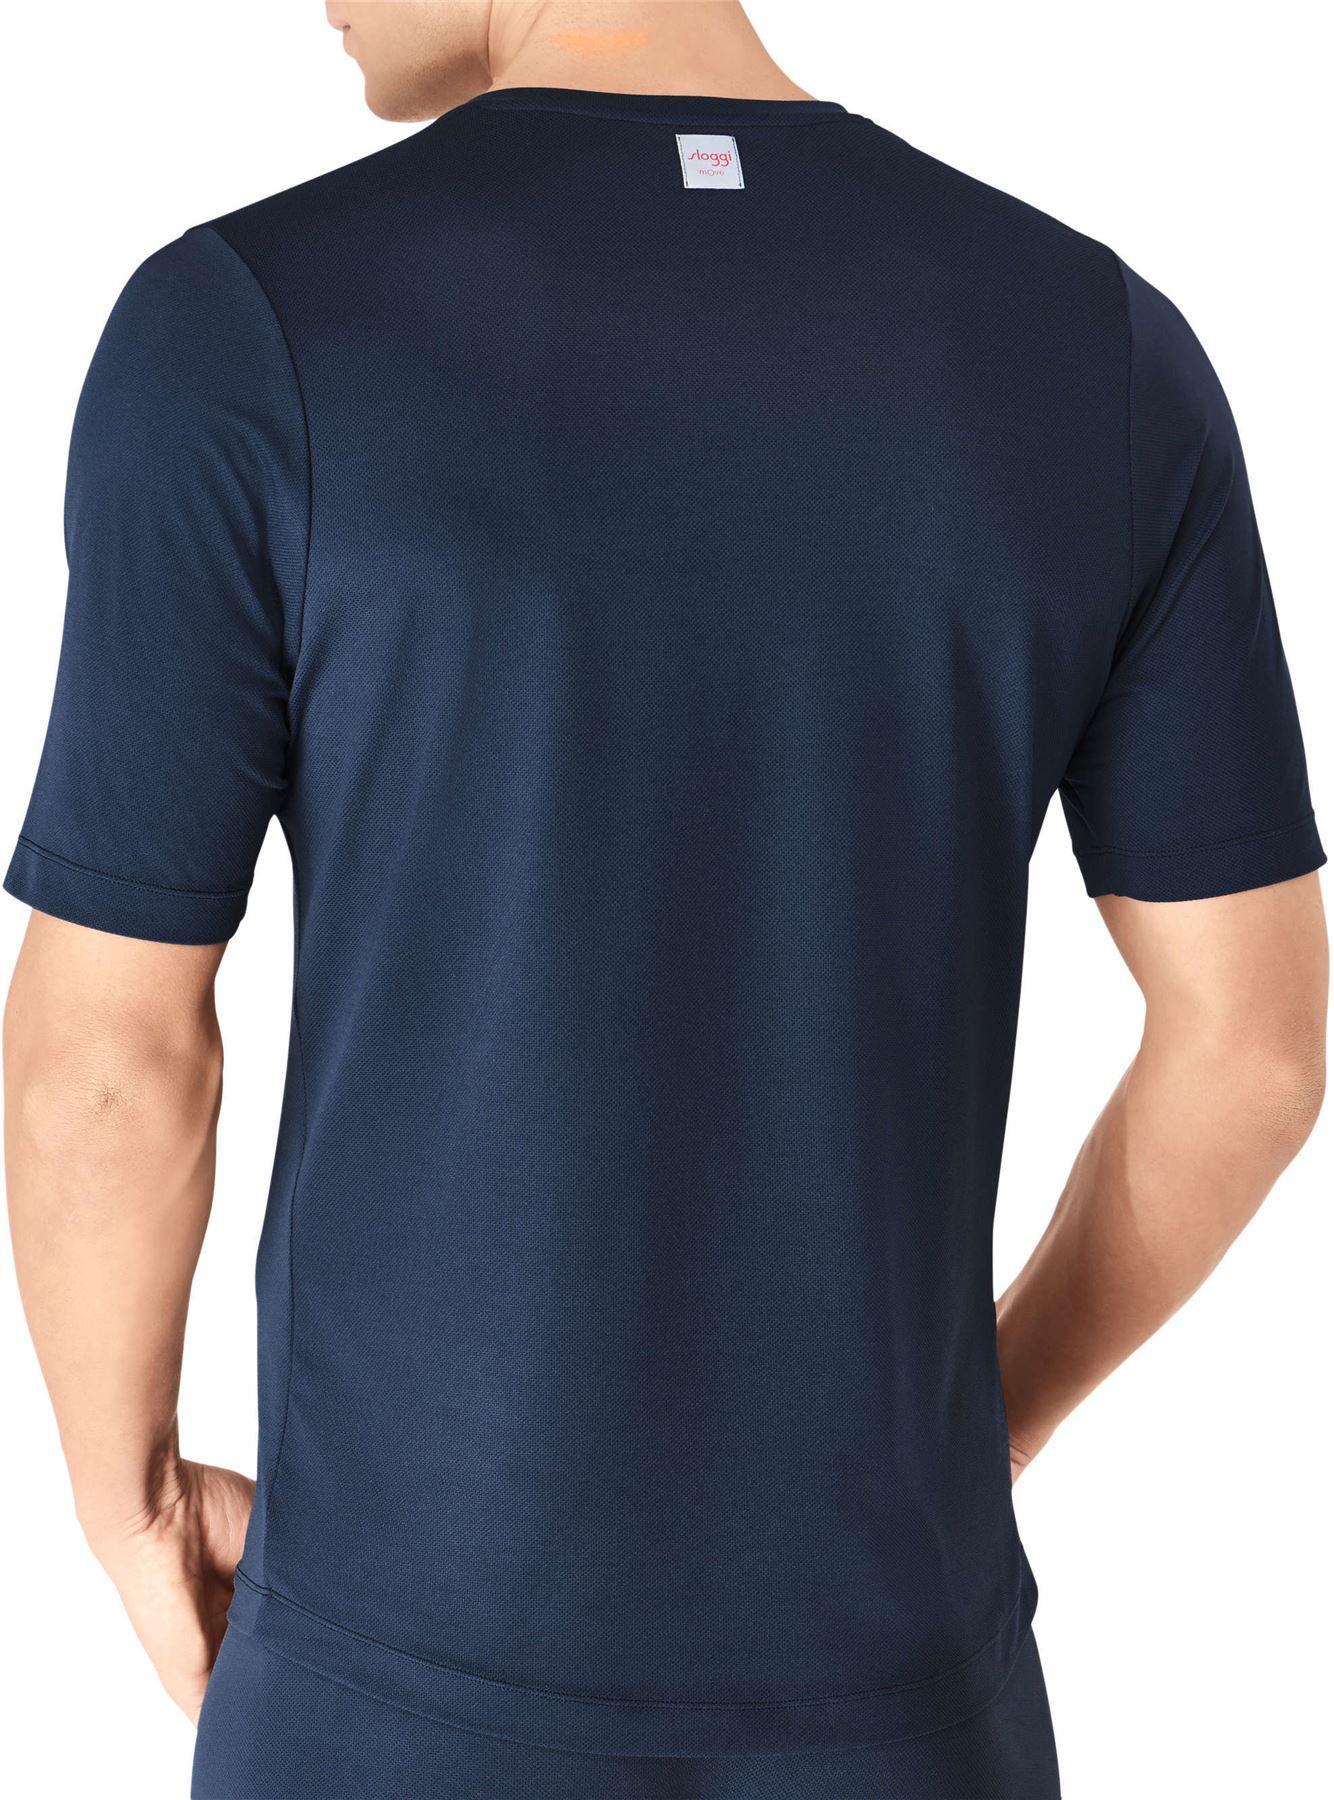 SLOGGI-spostare-FLEX-V-Neck-T-SHIRT-MEN-039-S-Underwear-Top-Sport-Maglia-Manica-Corta-Palestra miniatura 3